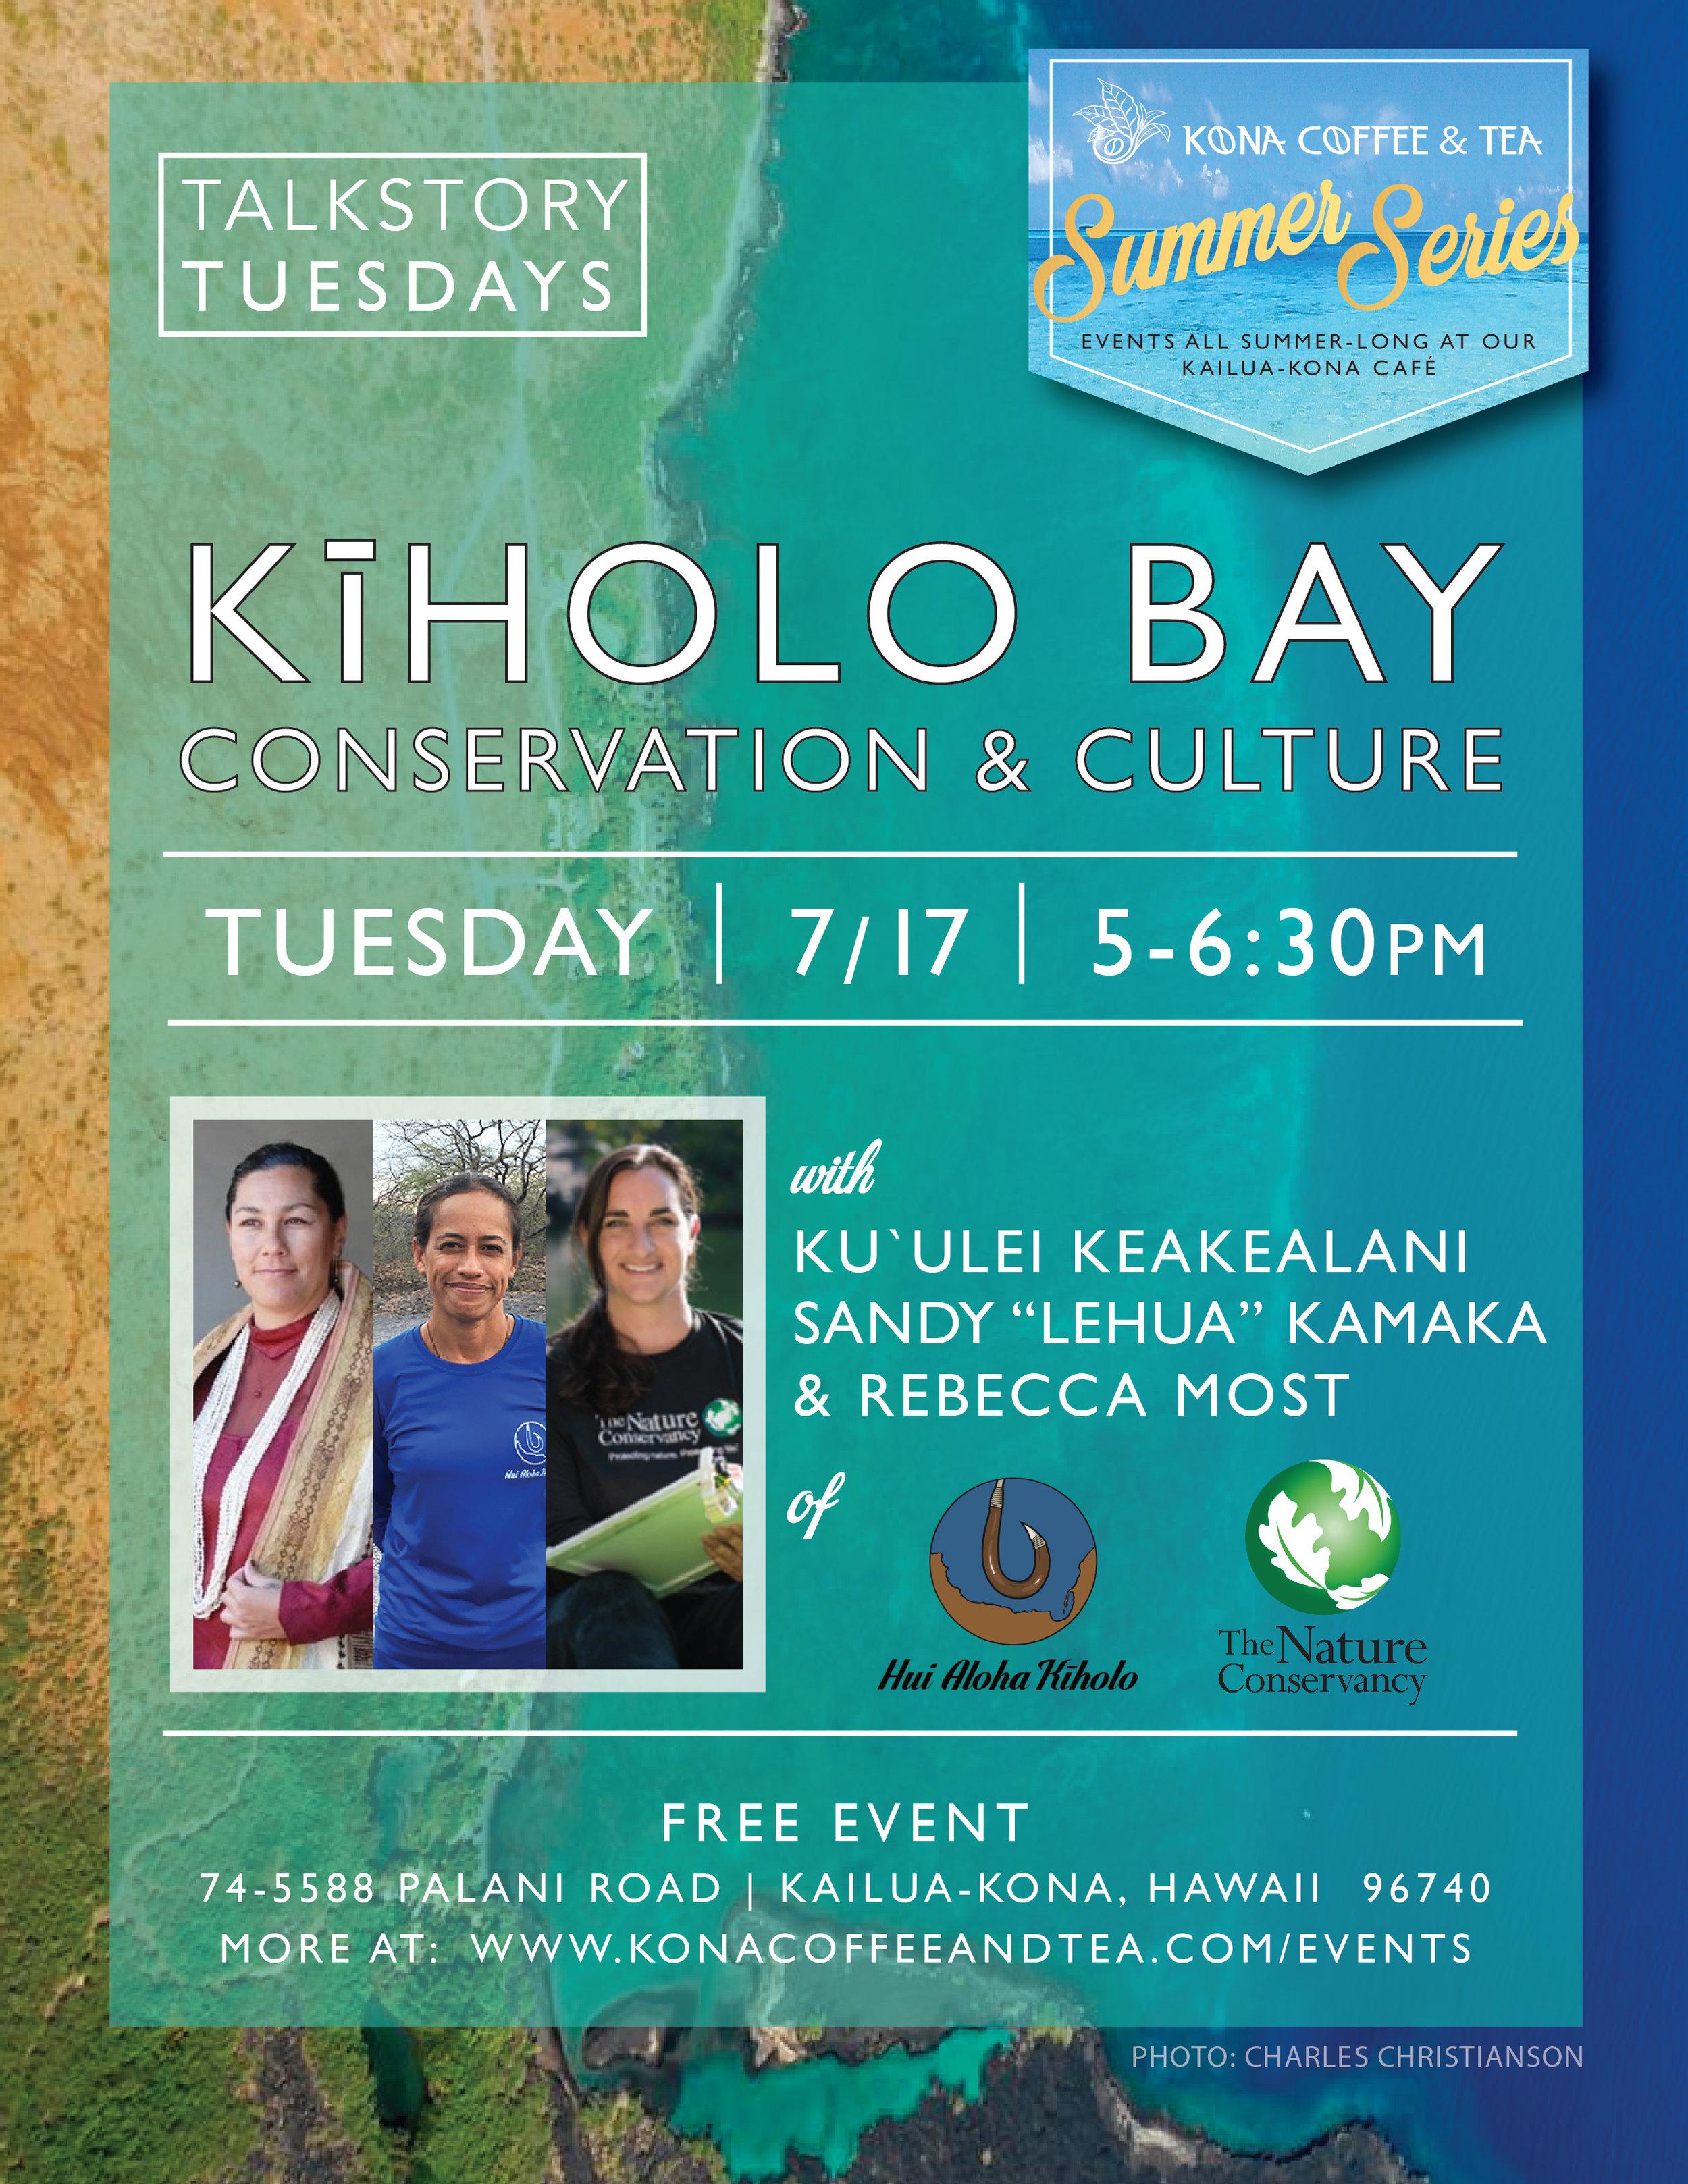 Hui Aloha Kiholo_7.17.18_Kona Coffee and Tea-01.jpg